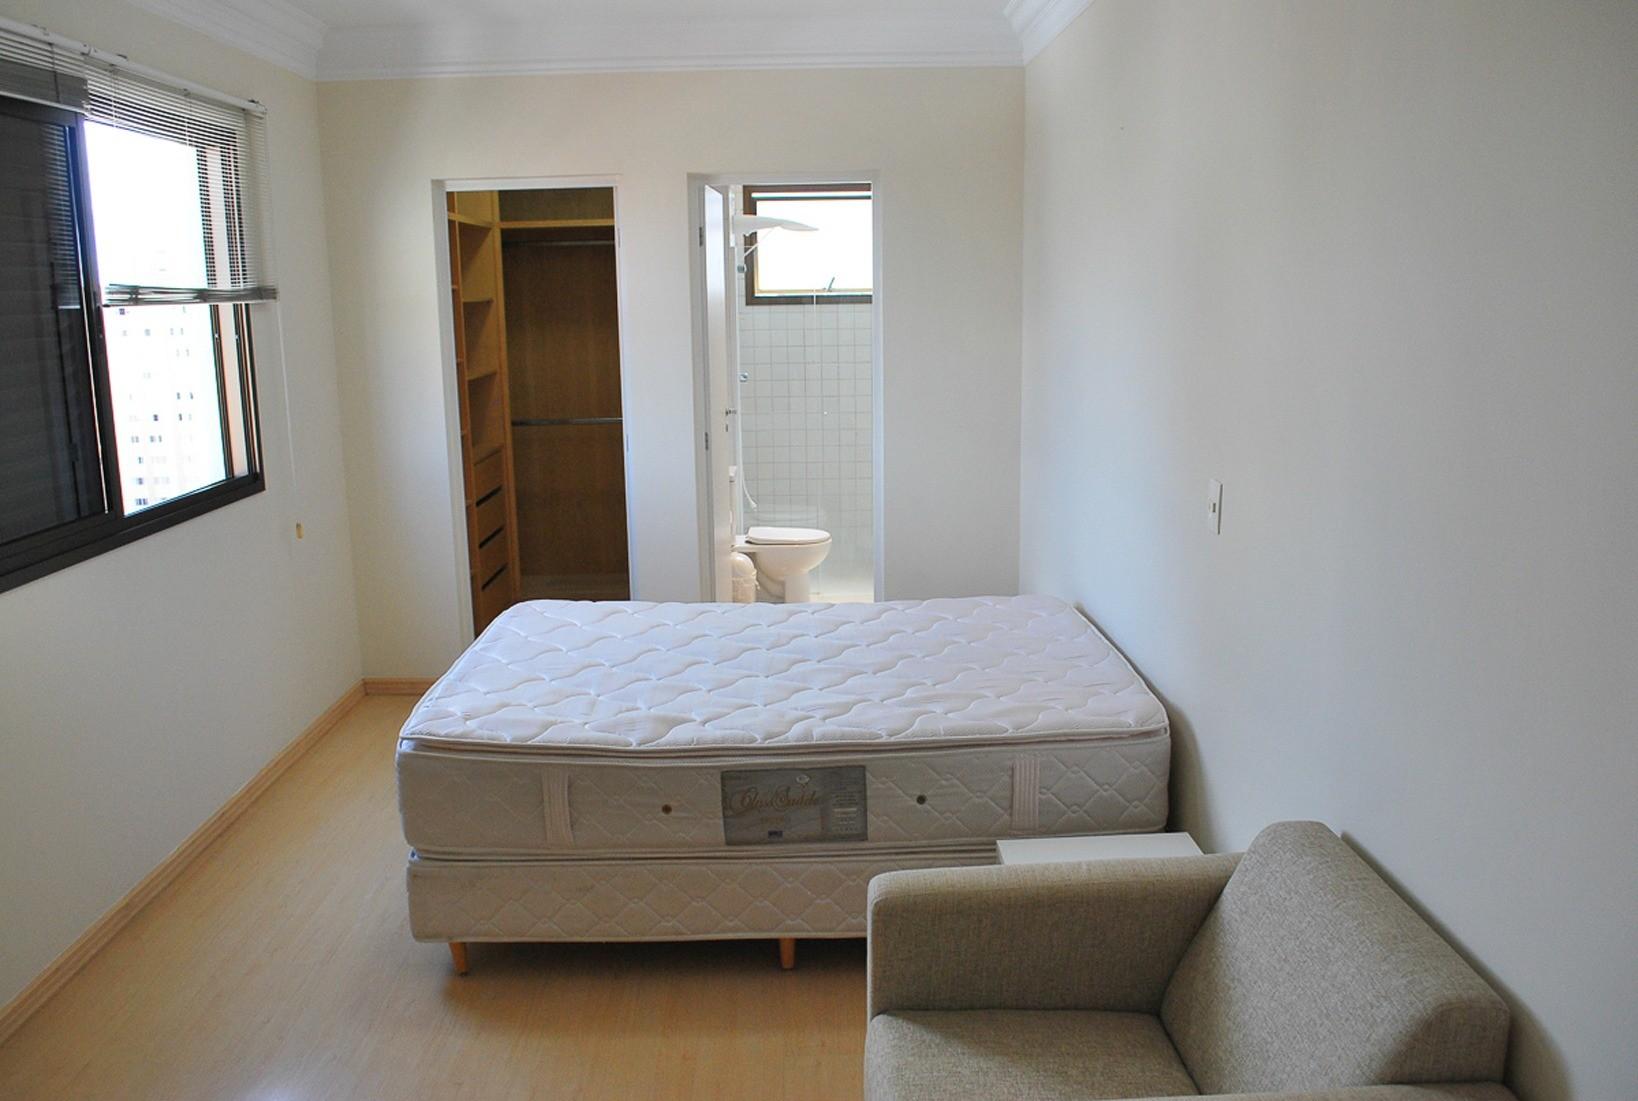 Penthouse de 1 dormitório em Cambui, Campinas - SP